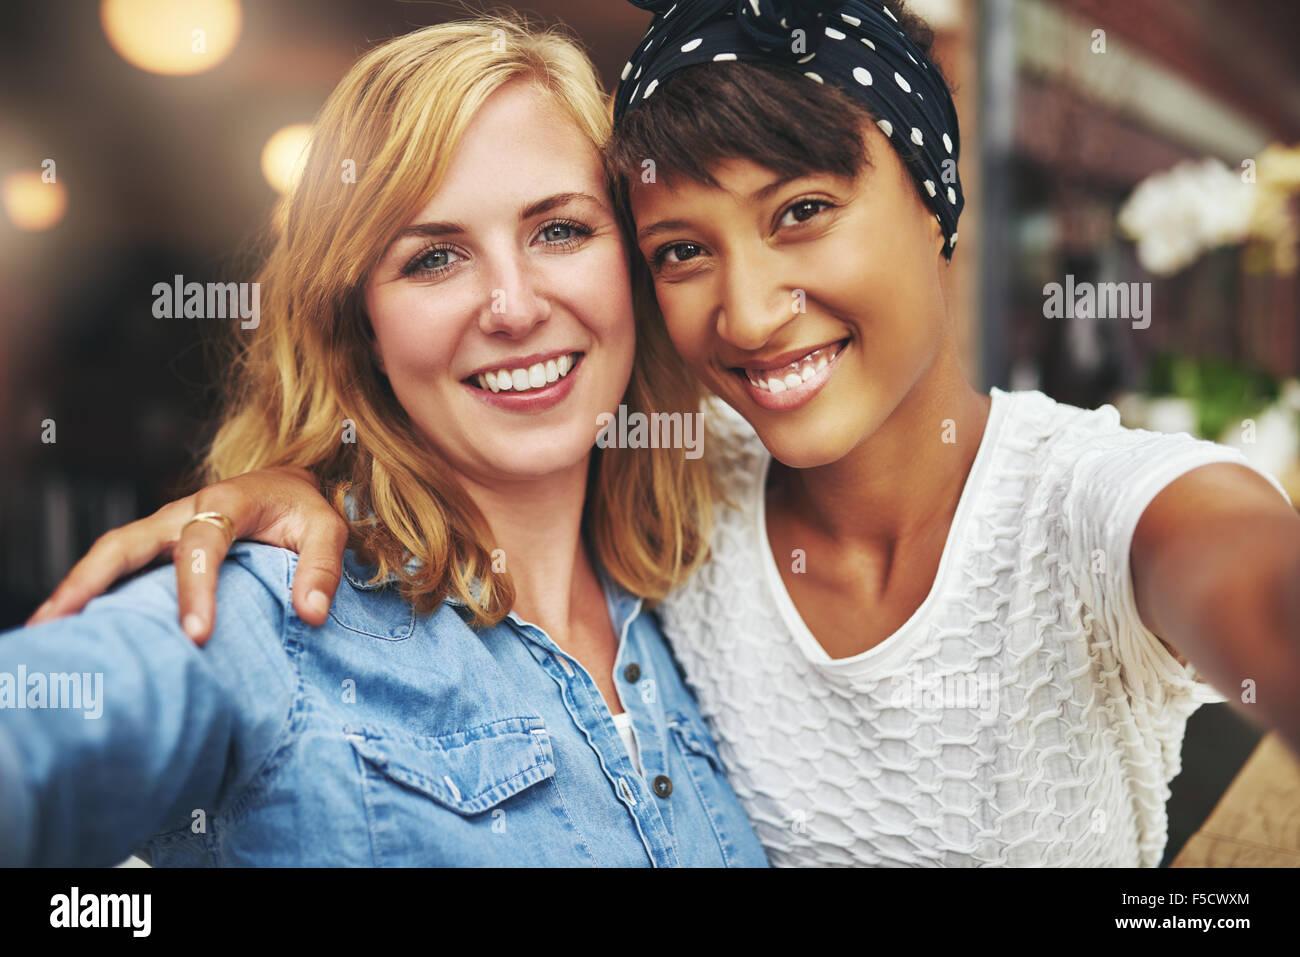 Deux jeunes femmes meilleurs amis assis bras dessus bras dessous avec leurs visages proches smiling at the camera, Banque D'Images